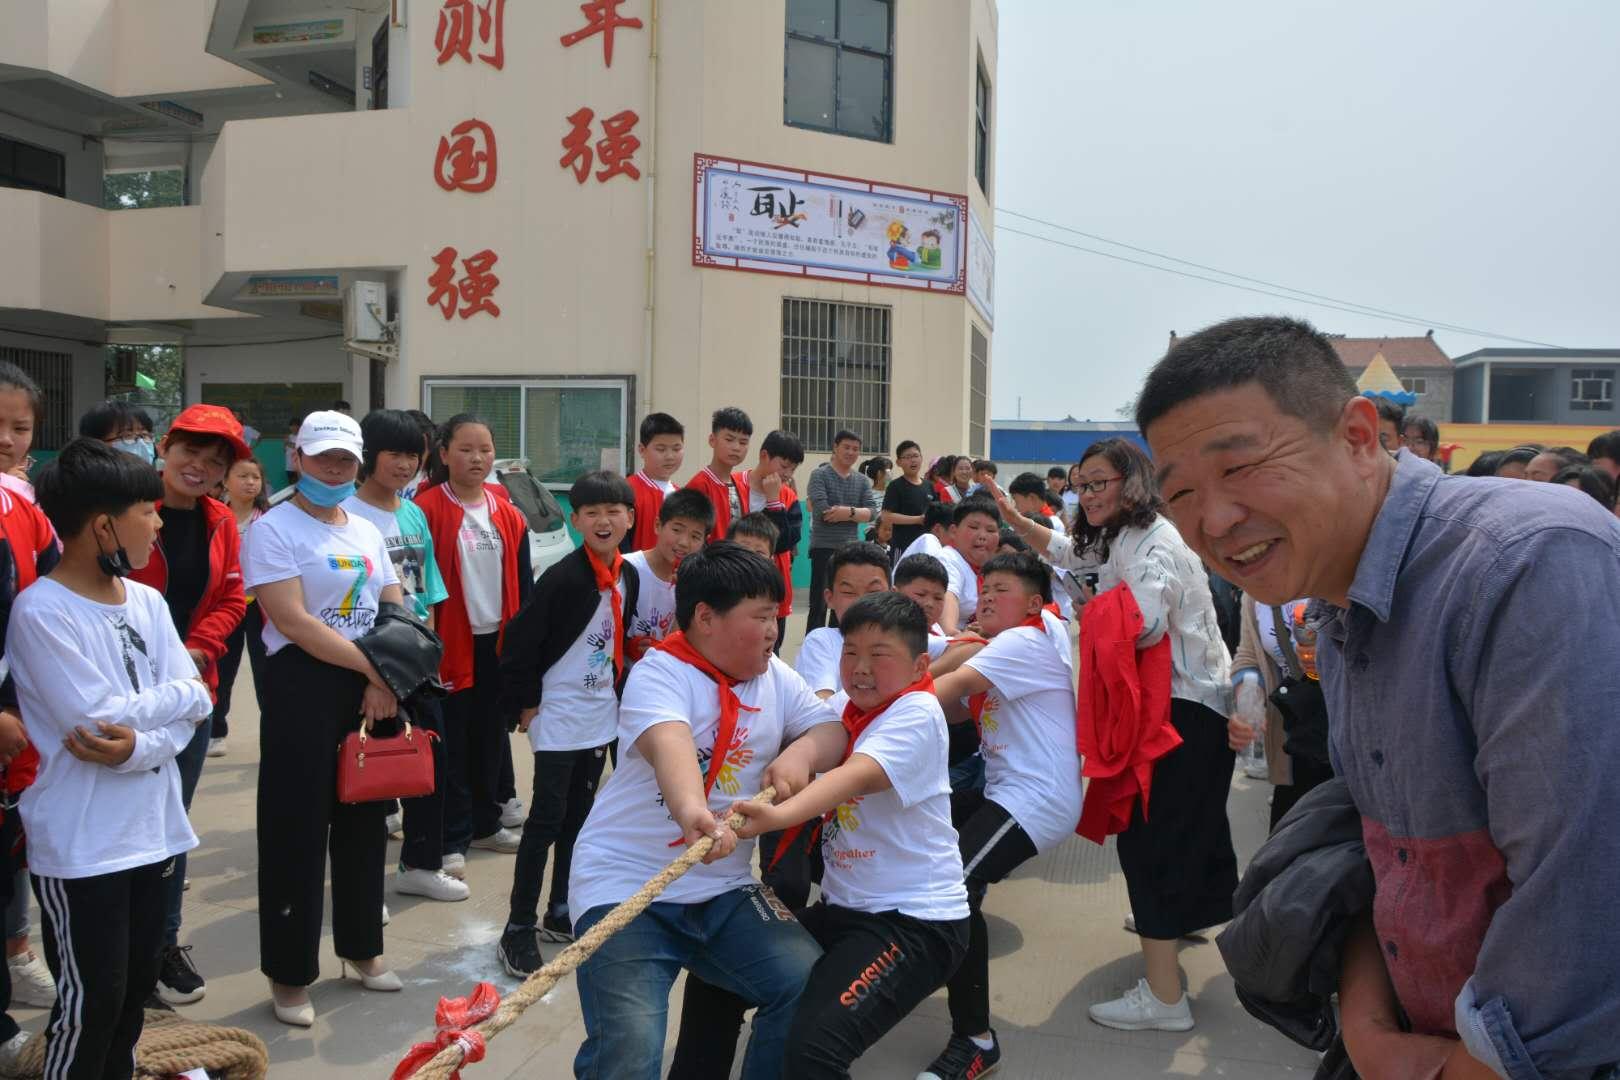 宁陵县张弓镇第二届中小学生春季运动会圆满成功